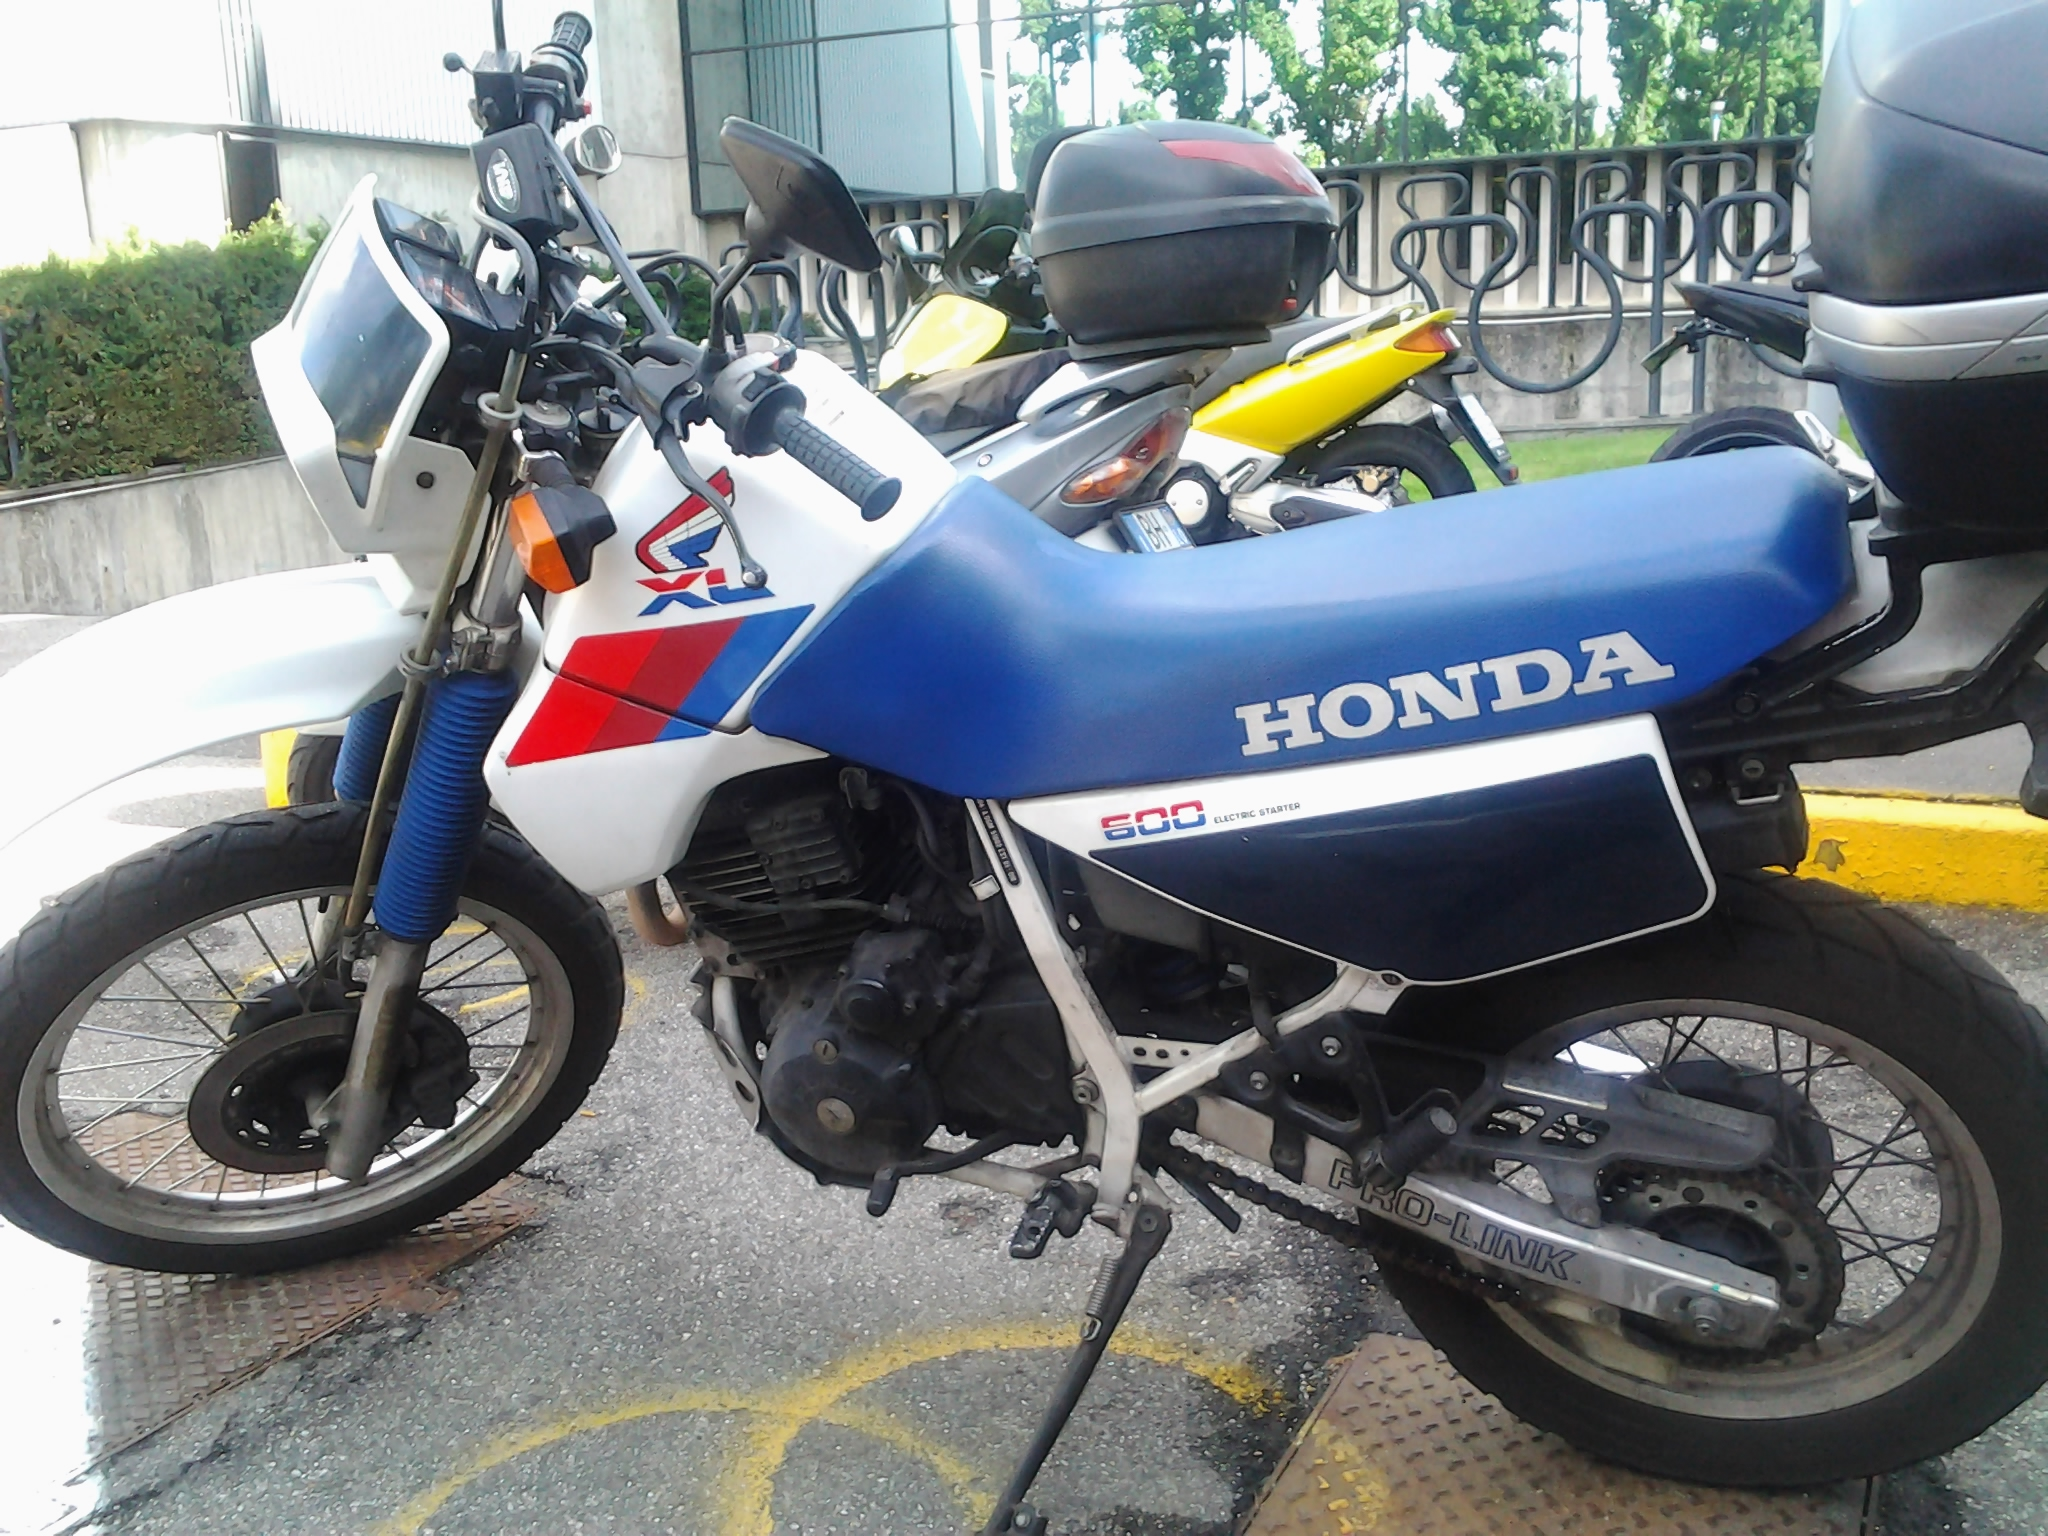 FILTRO ARIA HONDA XL LM-F 600 1985-1987